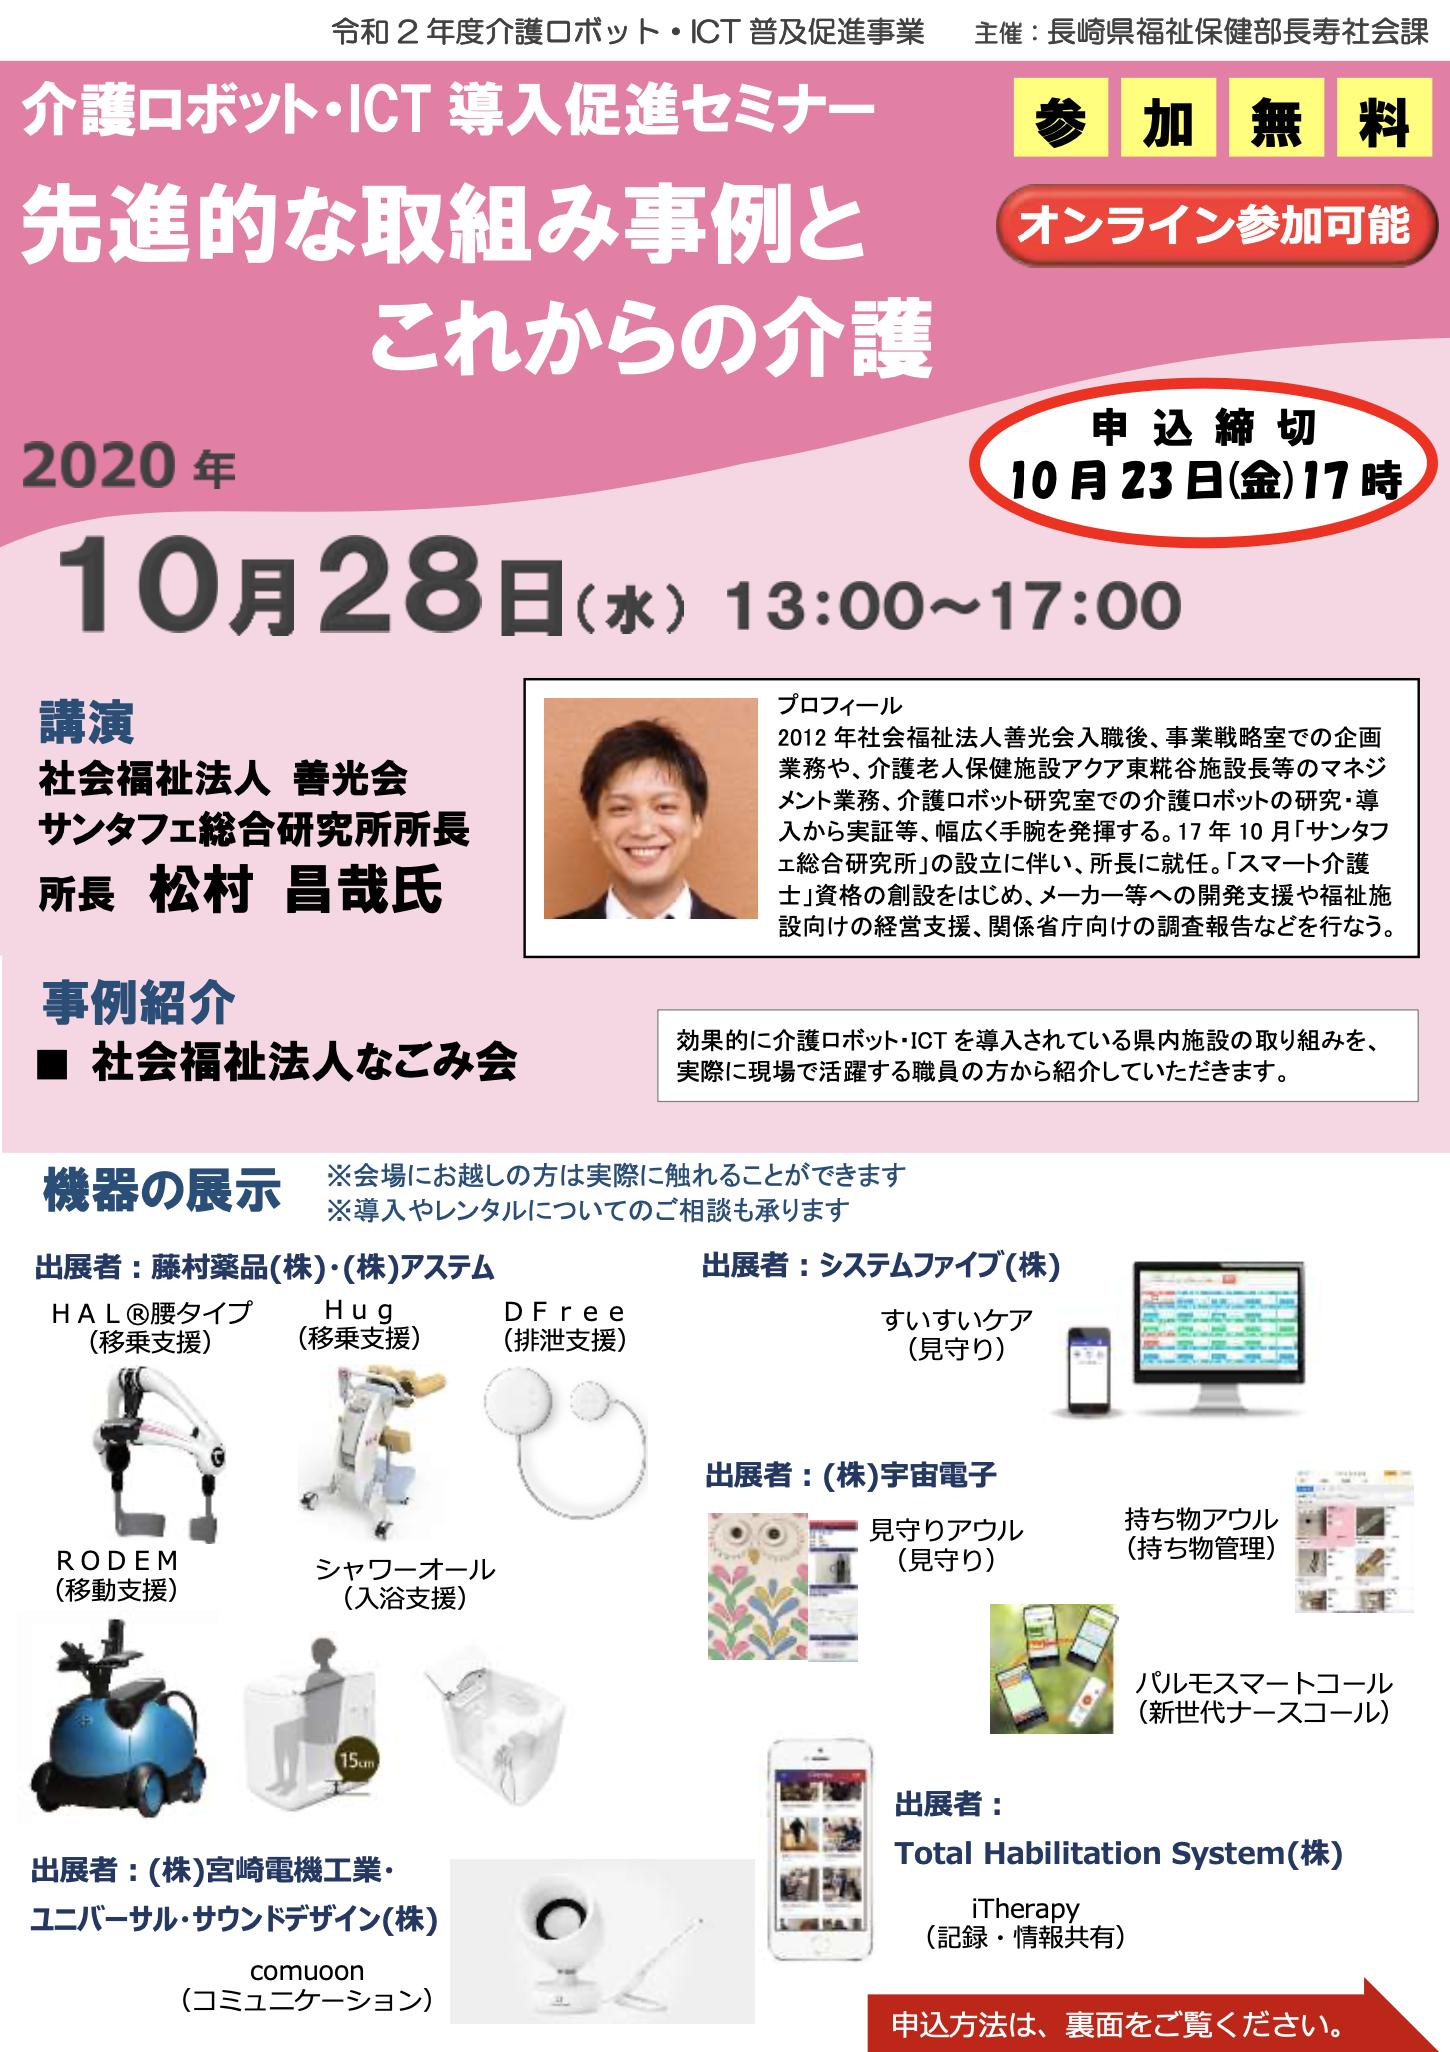 20201012_居宅・サービス事業者03